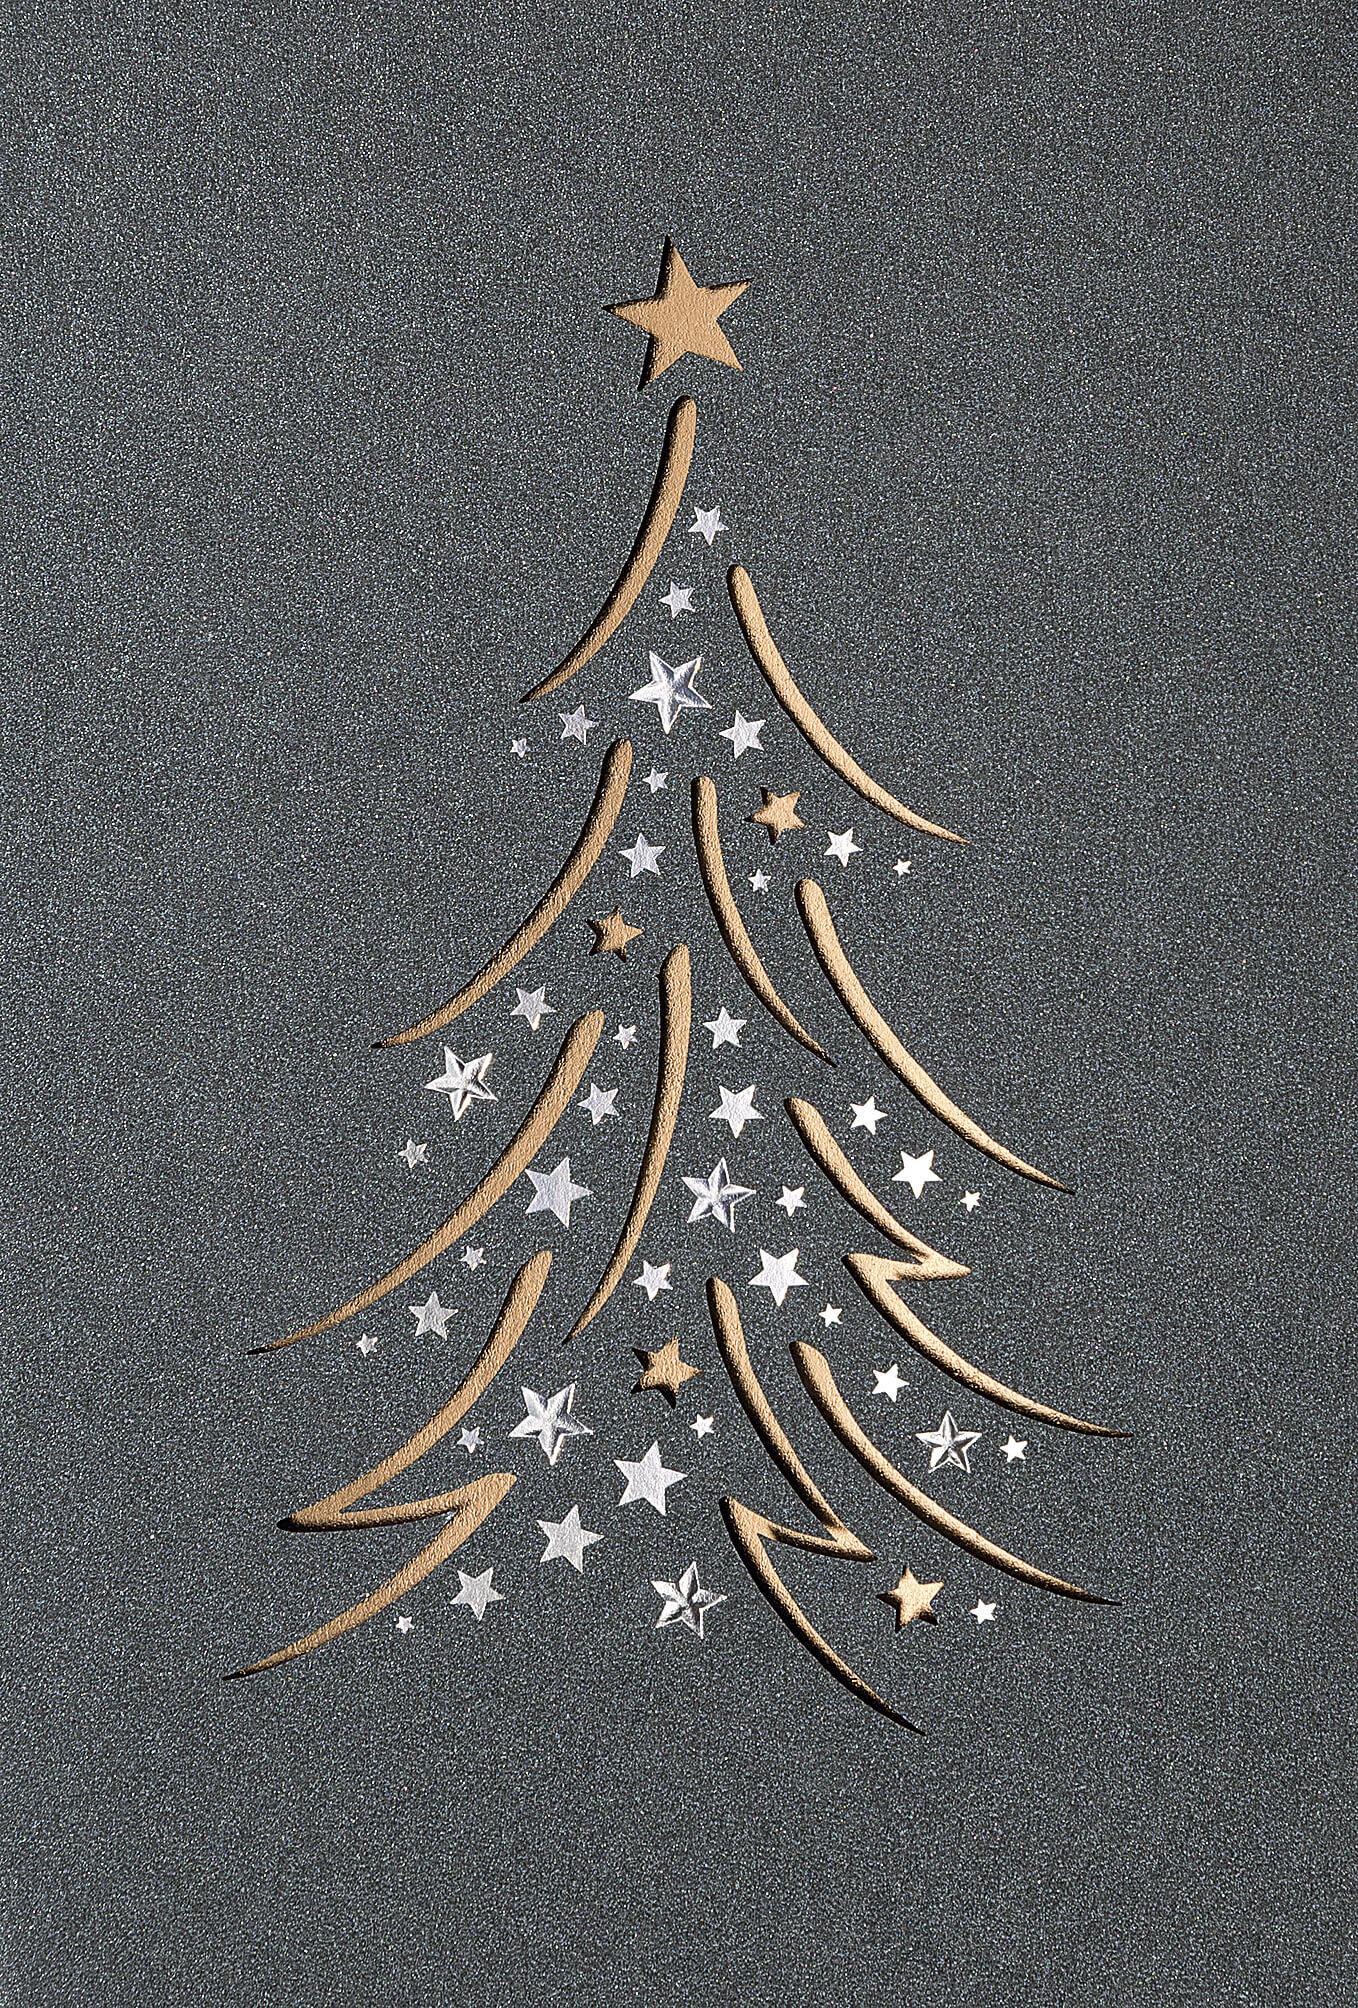 Edle Weihnachtskarten.Edle Weihnachtskarte Mit Feiner Stanzung Und Kupferfarbenem Einleger